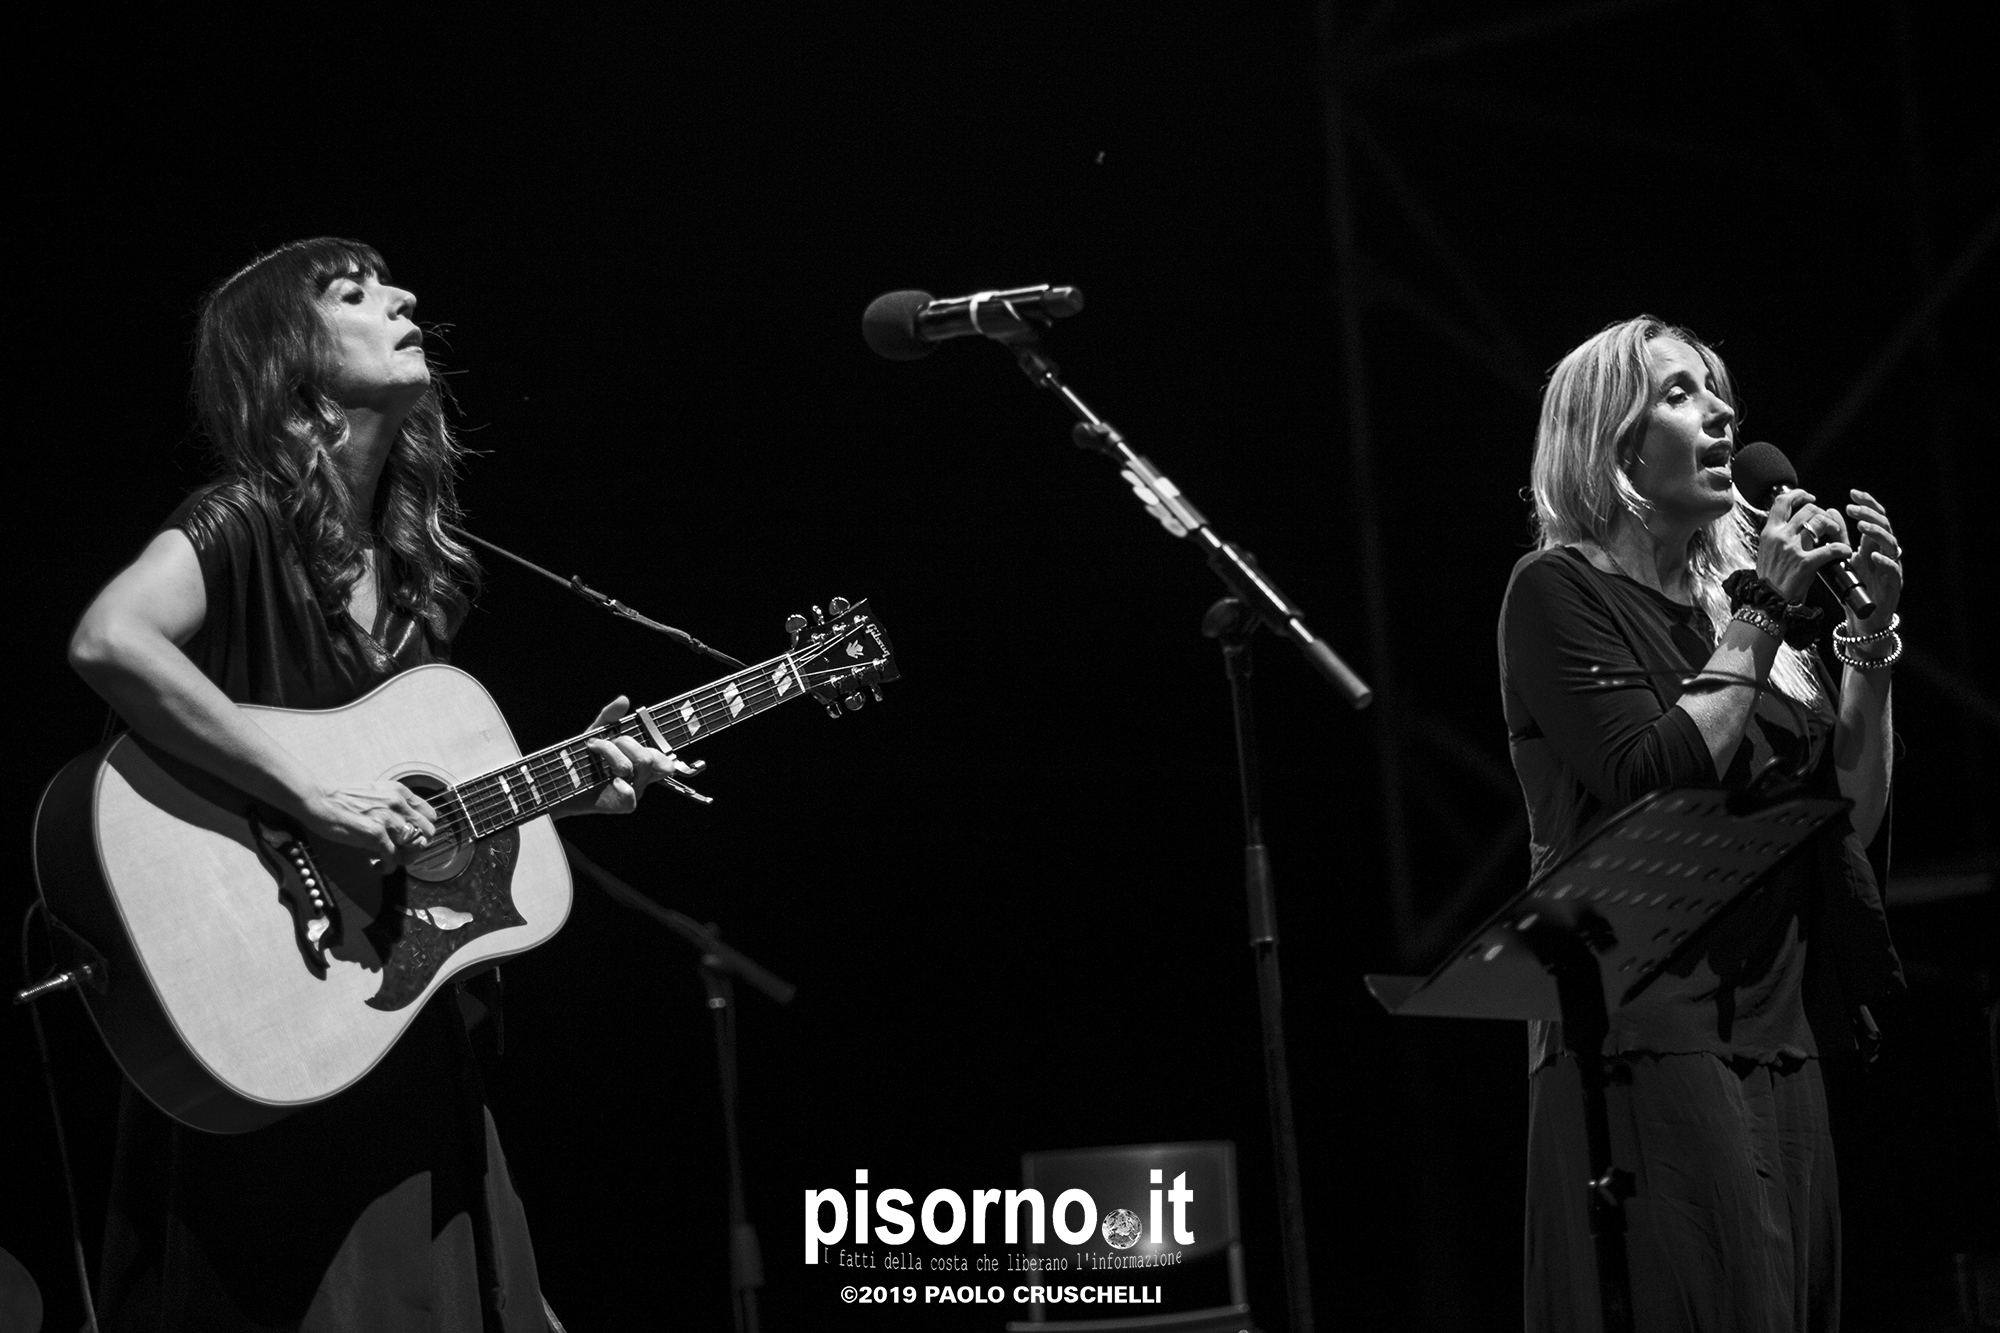 Ginevra Di Marco & Cristina Donà live @ Estate Fiesolana (Teatro Romano di Fiesole, 3 Luglio 2019)